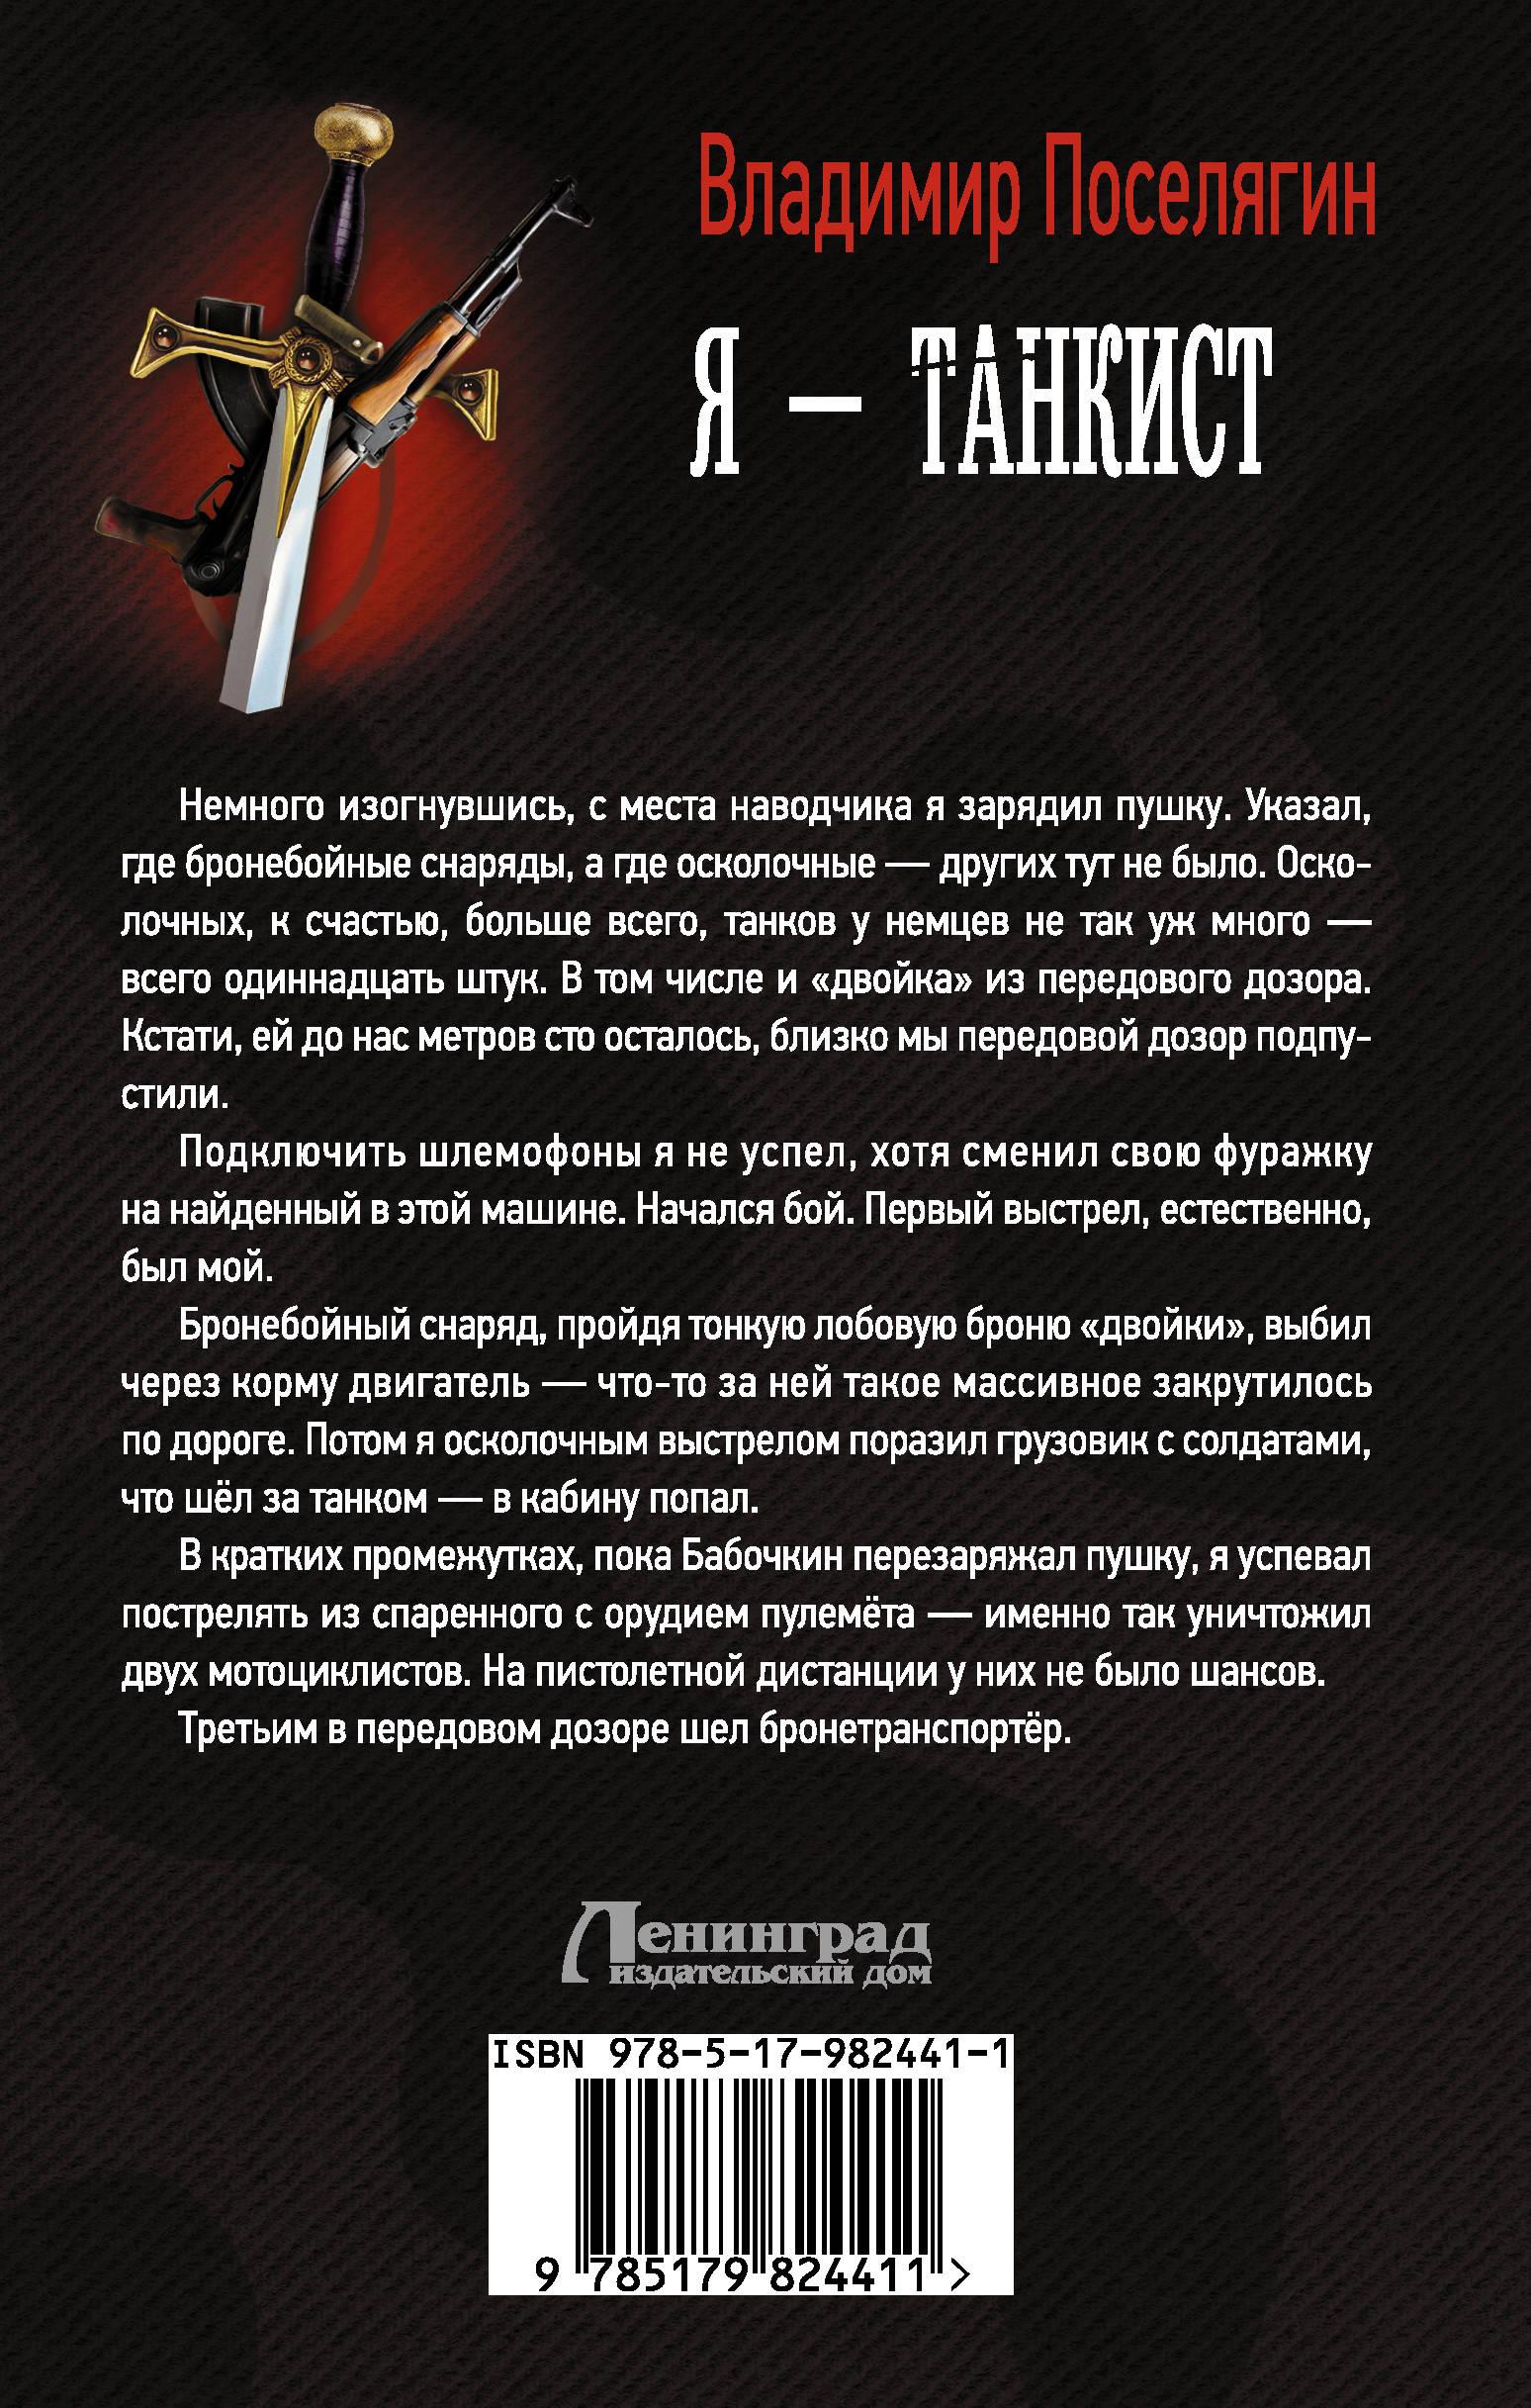 Я - танкист. Владимир Поселягин